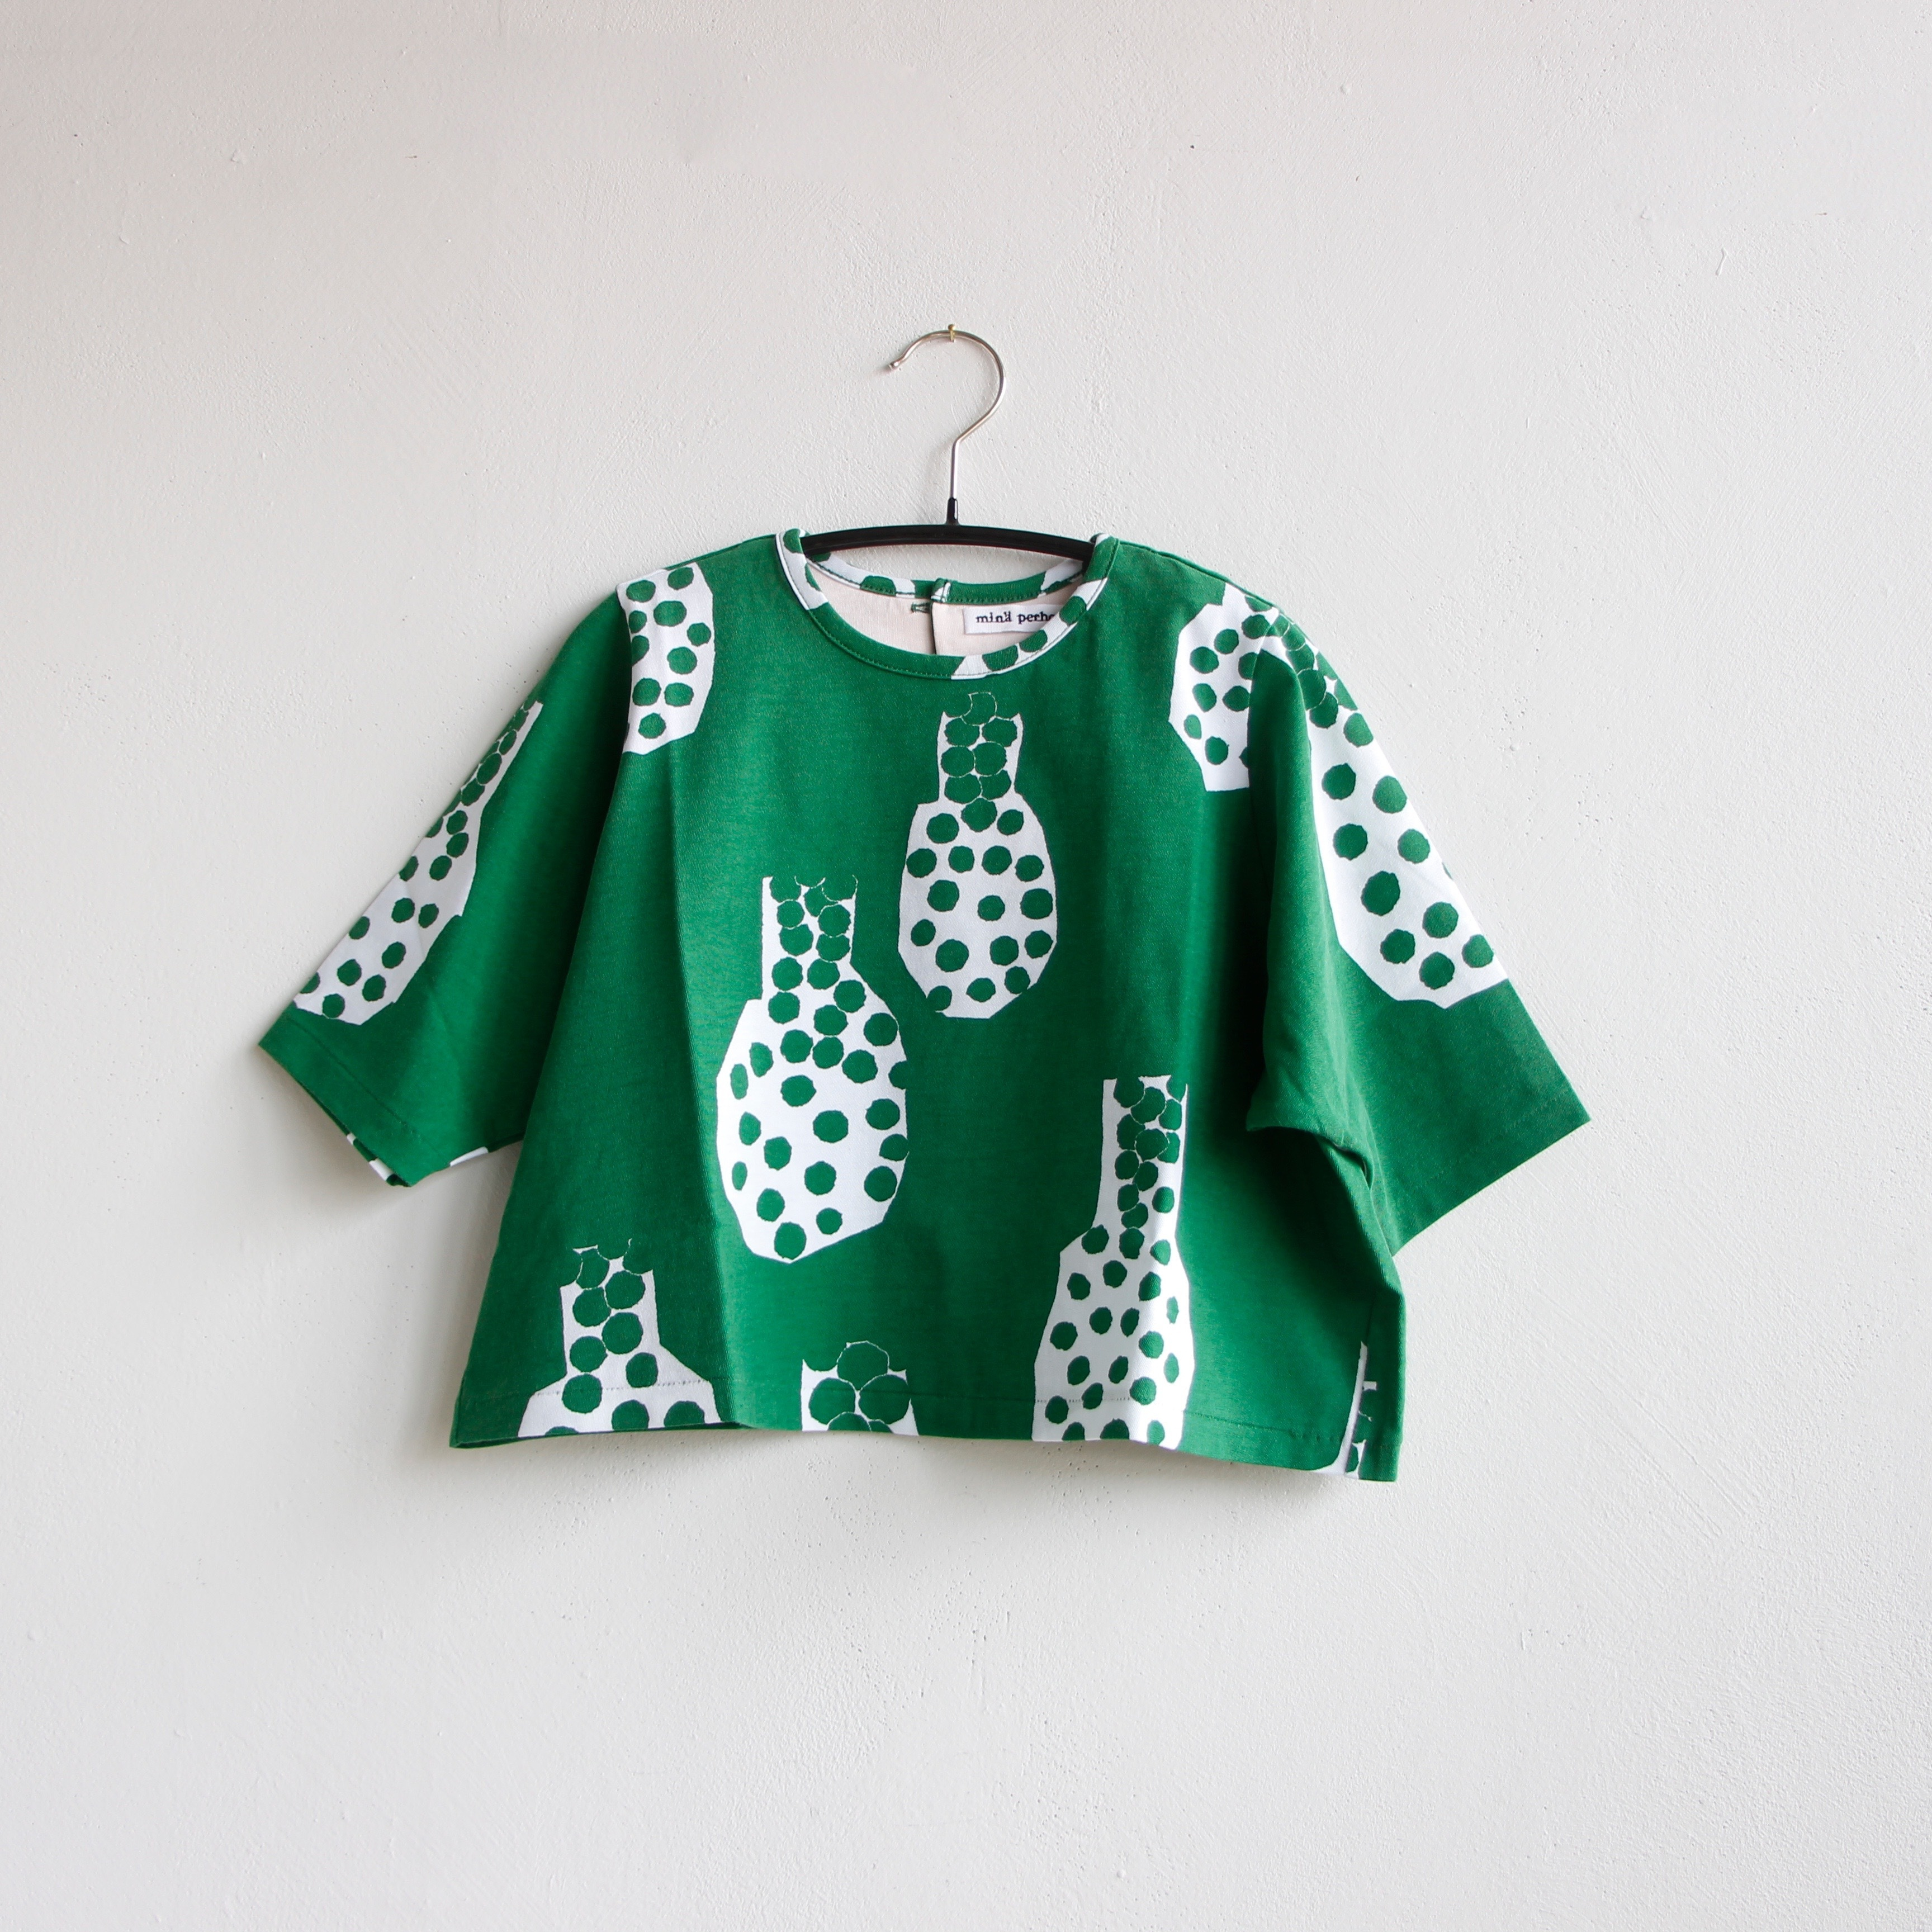 《mina perhonen 2020SS》cidre 半袖カットソー / green / 110-130cm